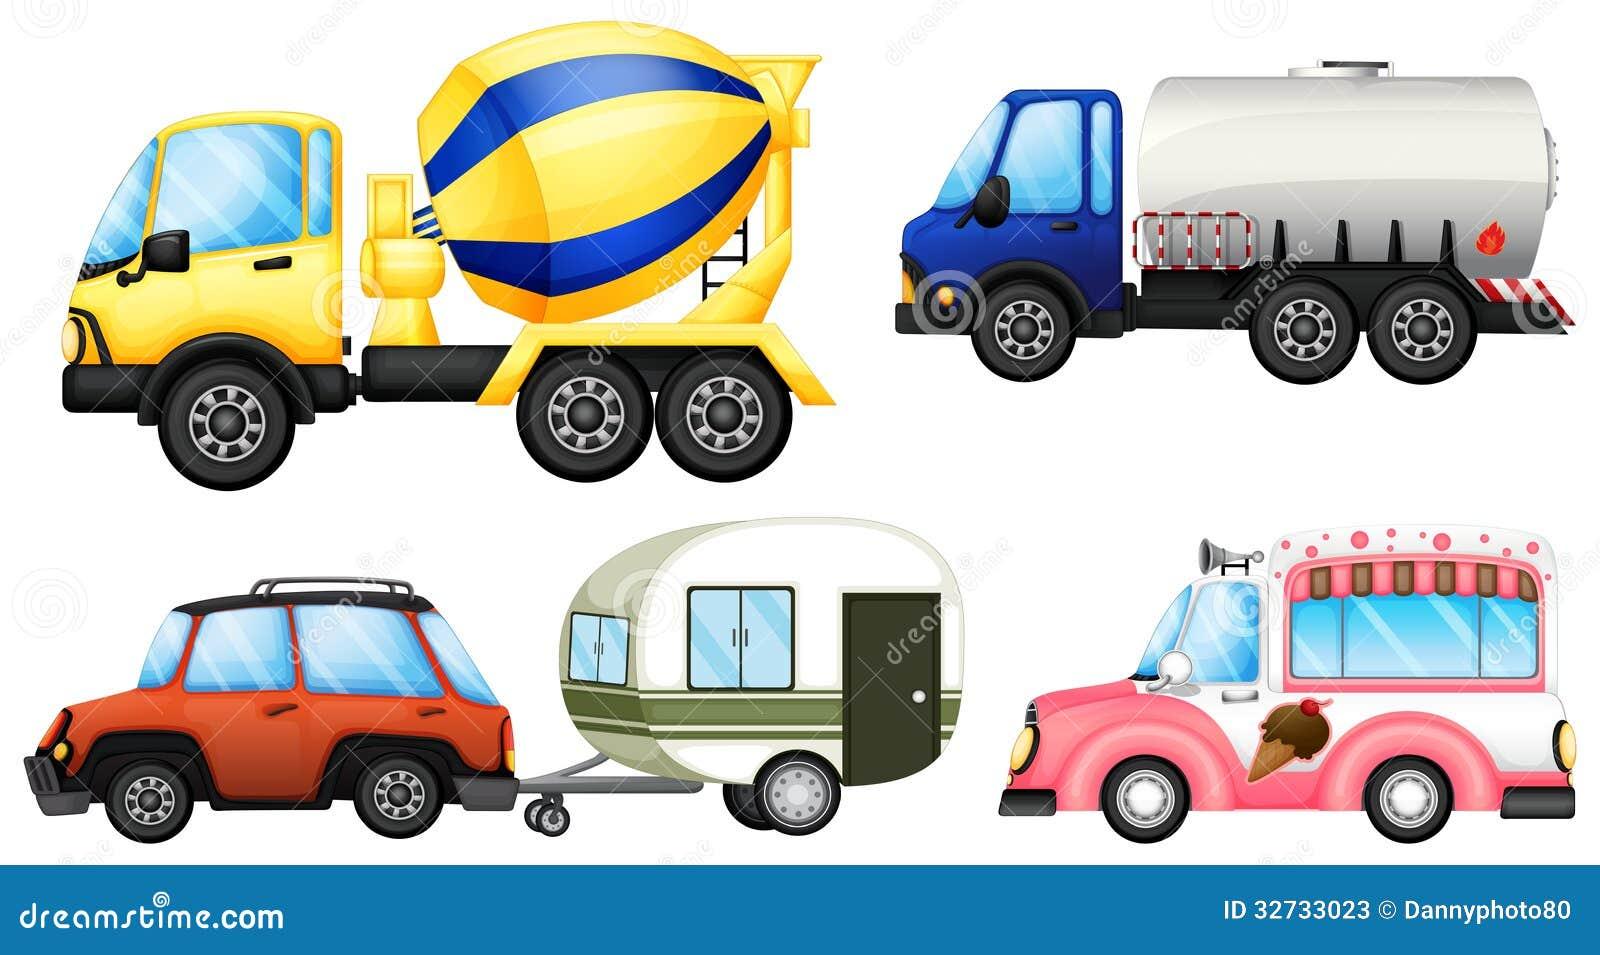 Pożytecznie pojazdy